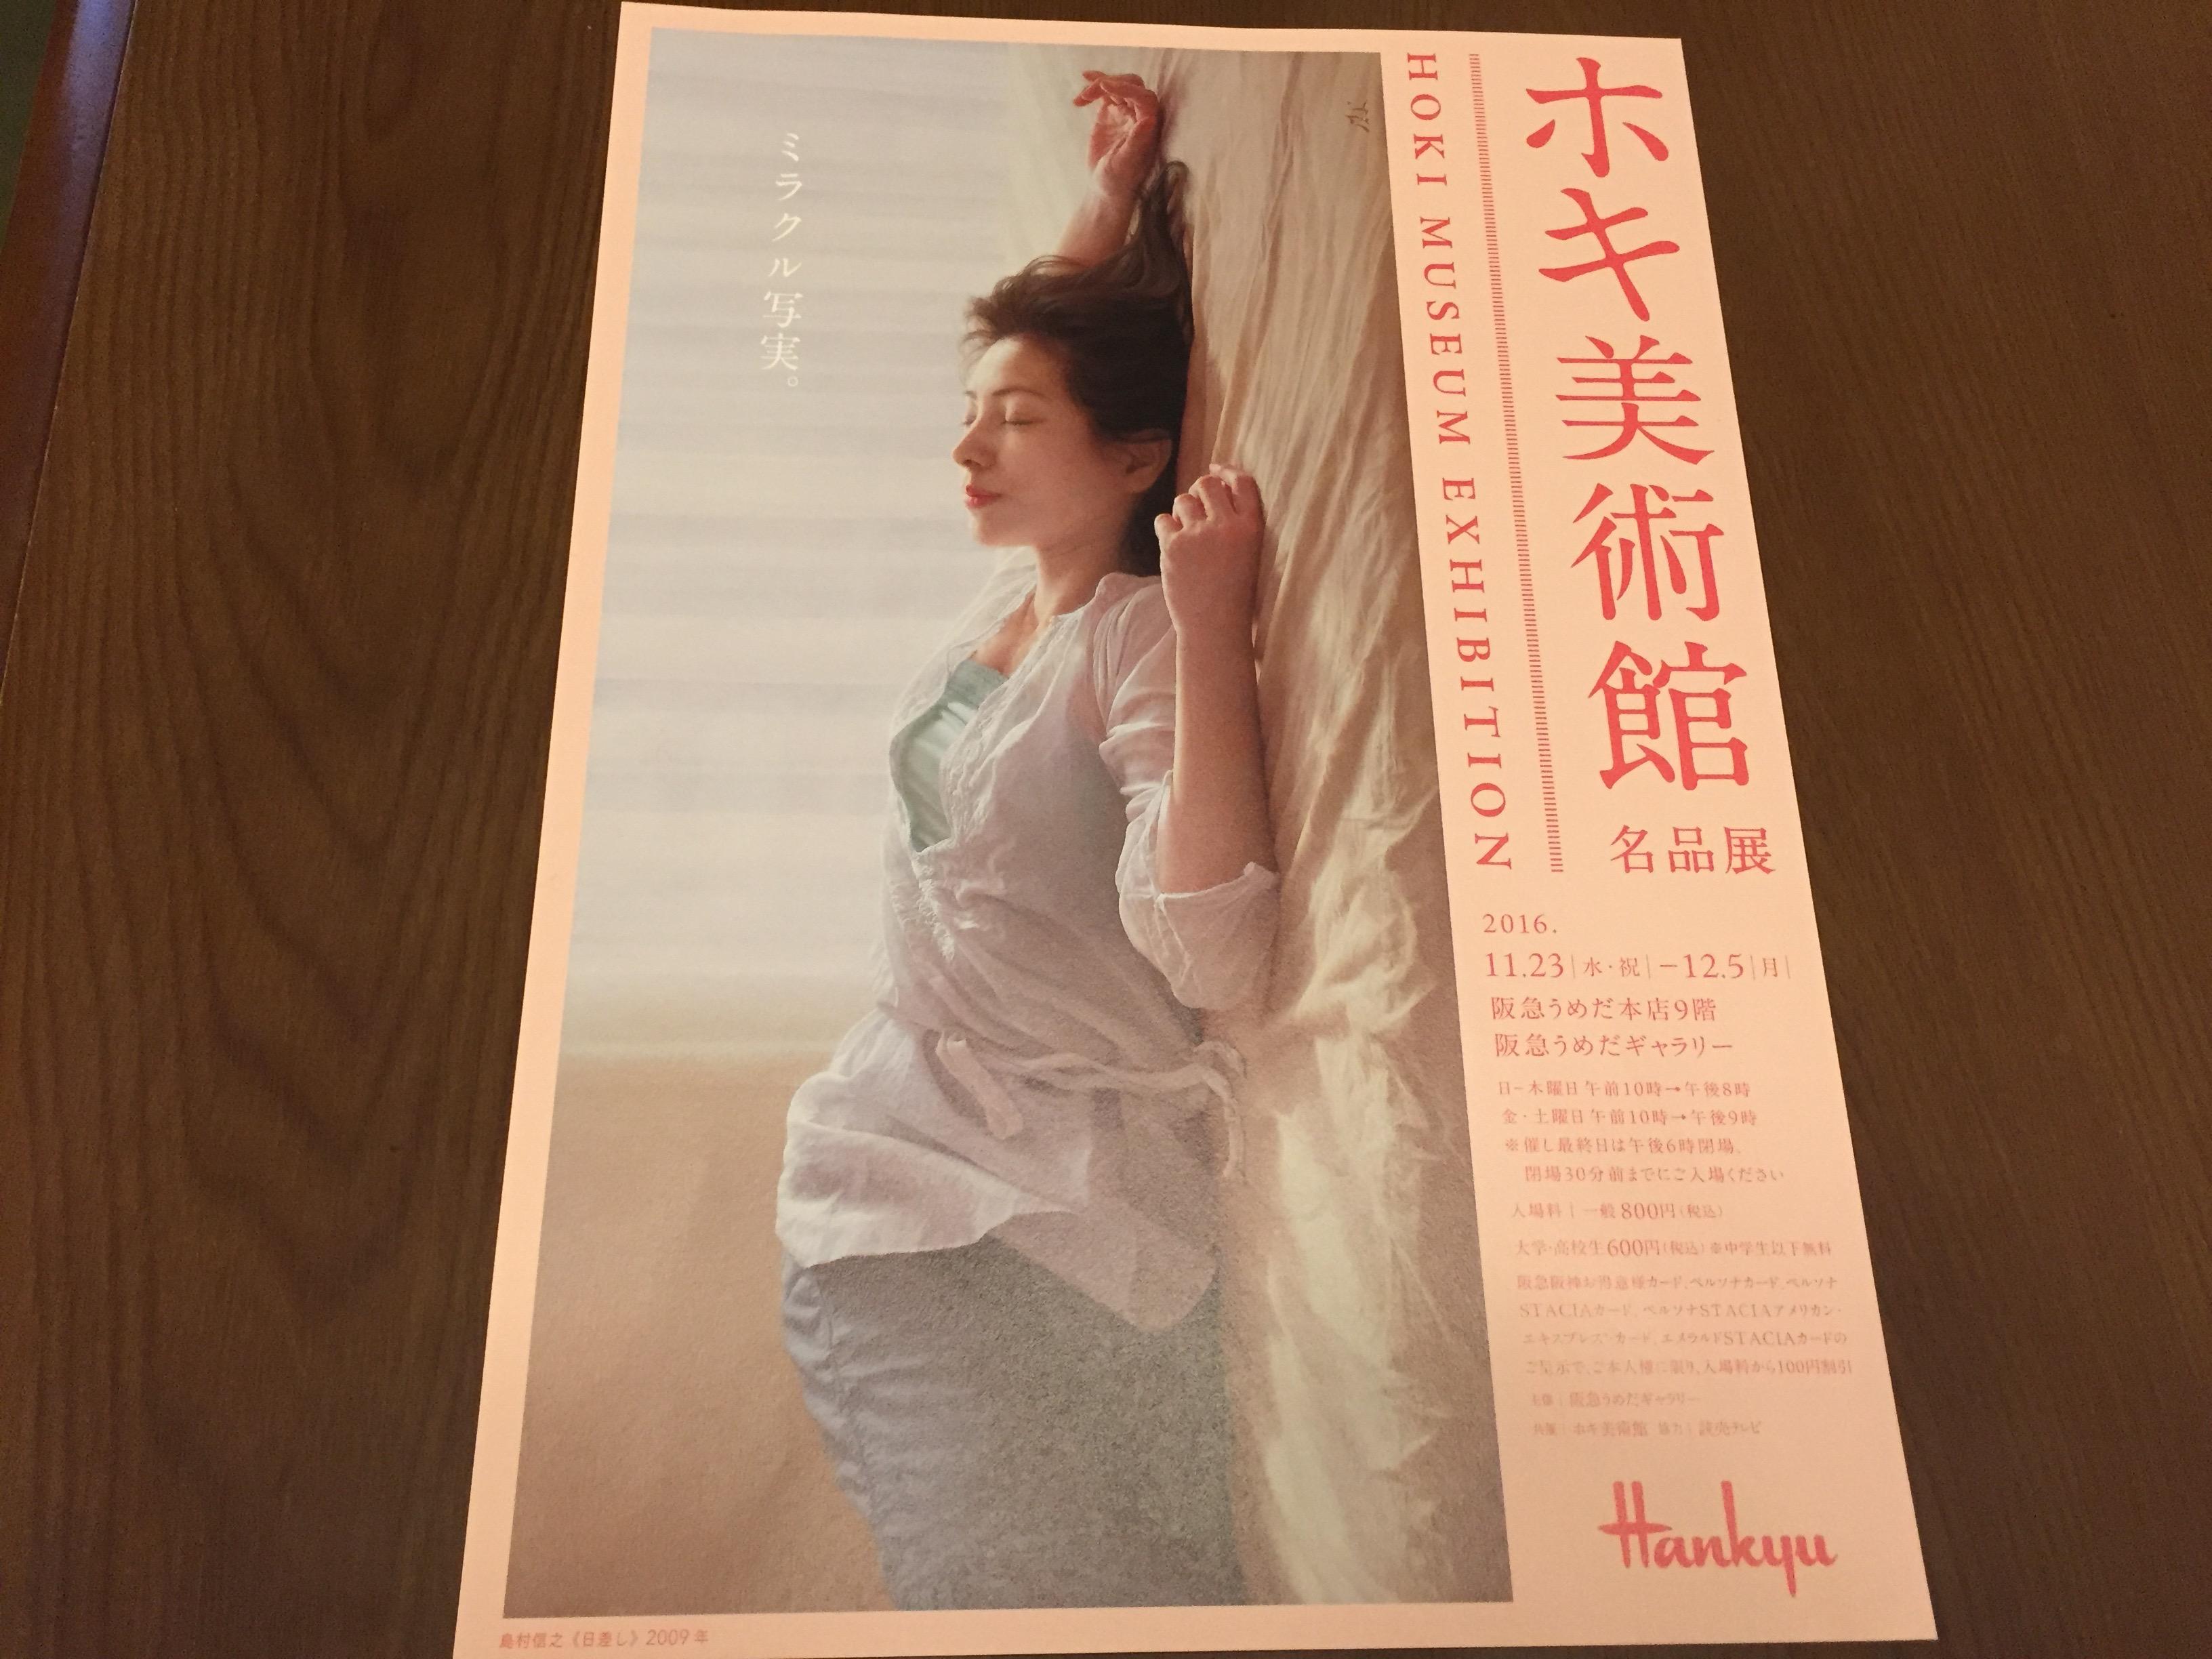 阪急梅田 ホキ美術館展と千葉のホキ美術館 素晴らしい建築とレストラン